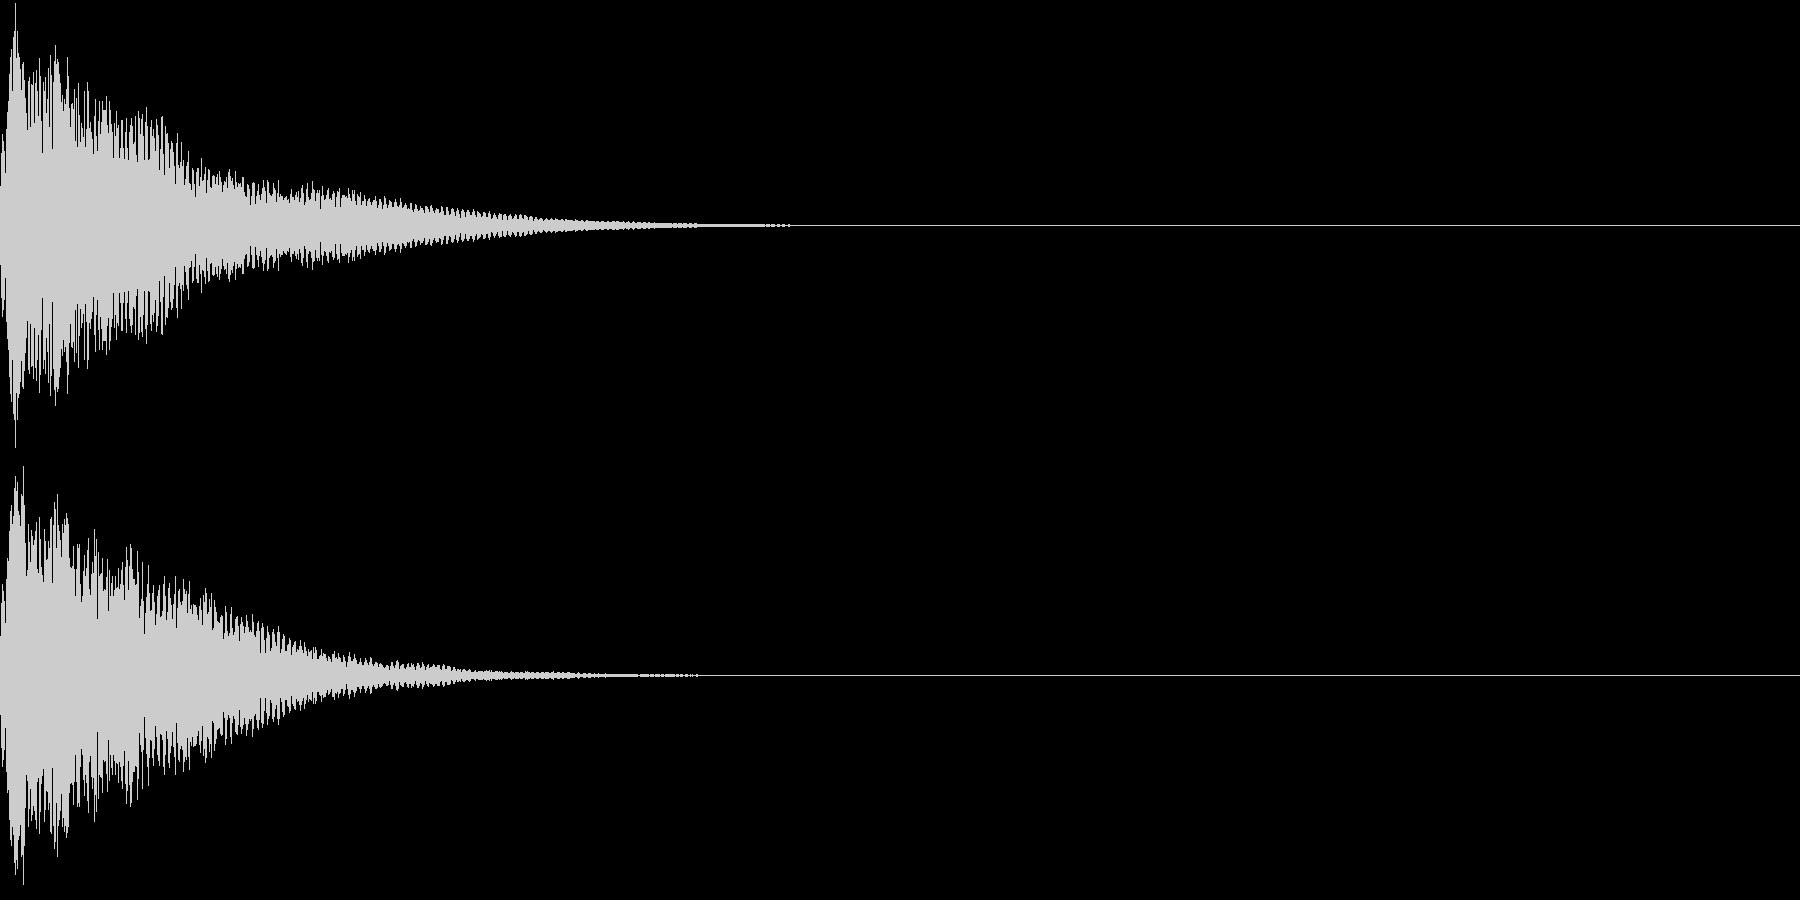 光る  輝く  キュピーン  キラーンFの未再生の波形